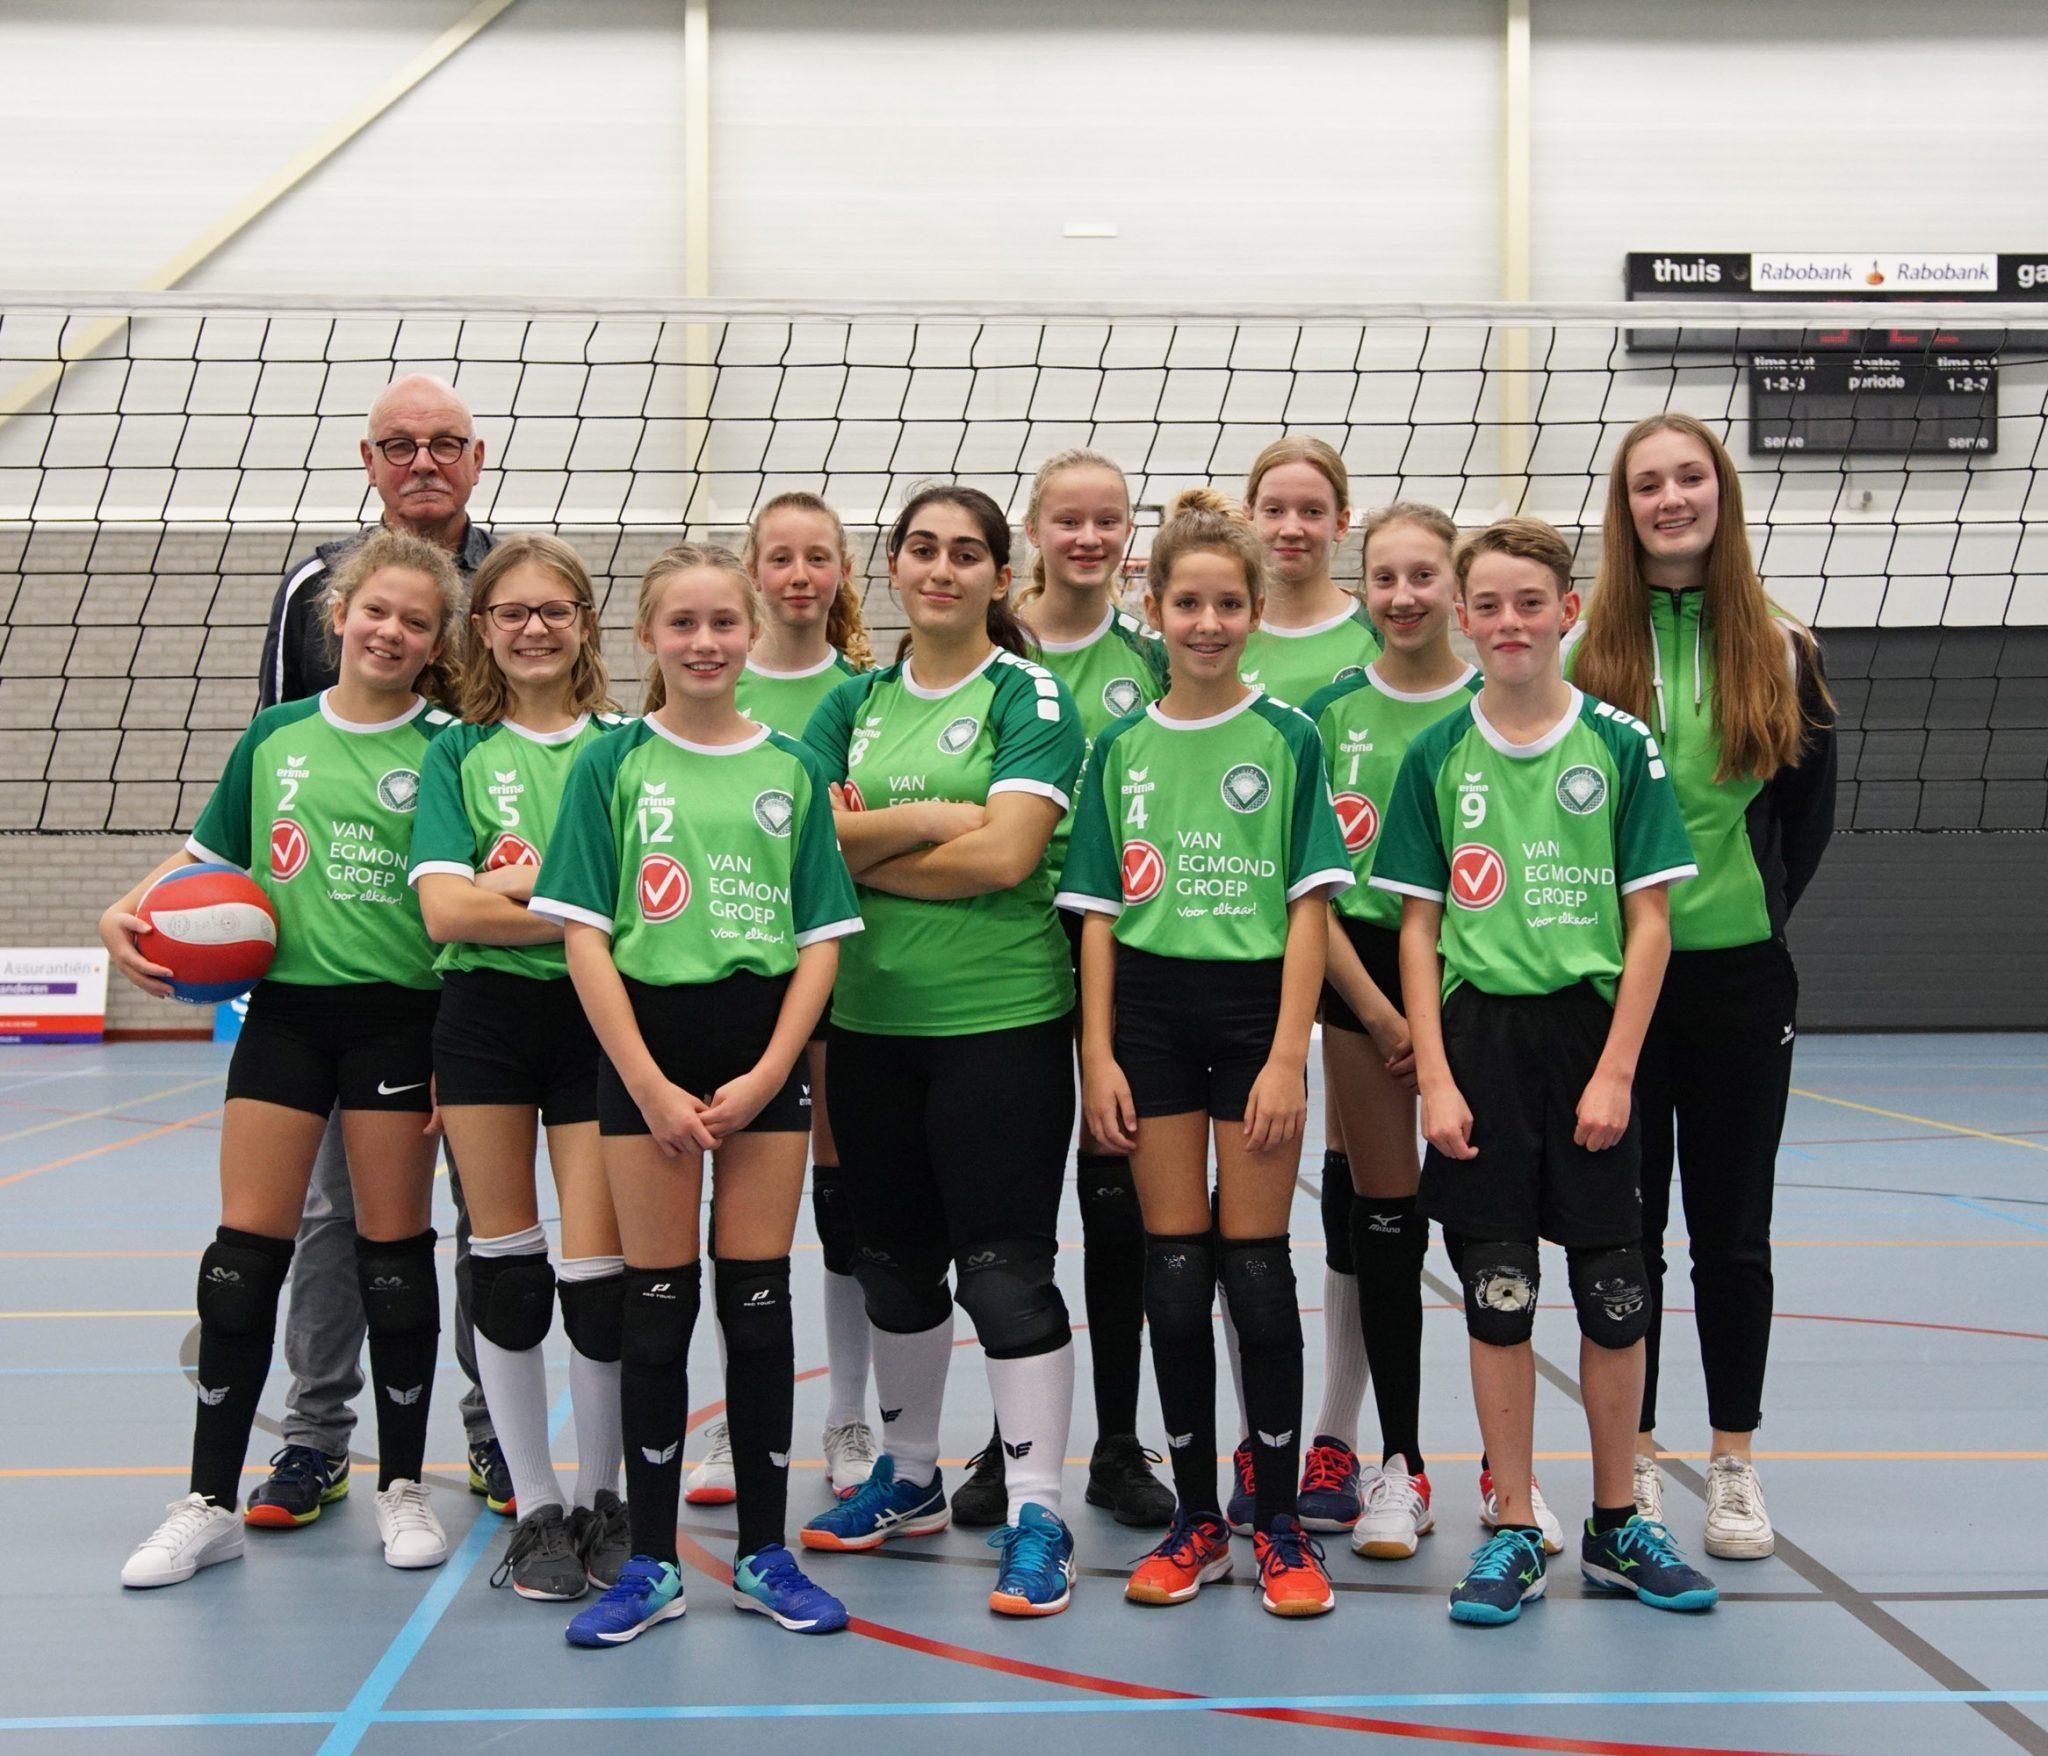 meisjesc1-teamb-s19-20